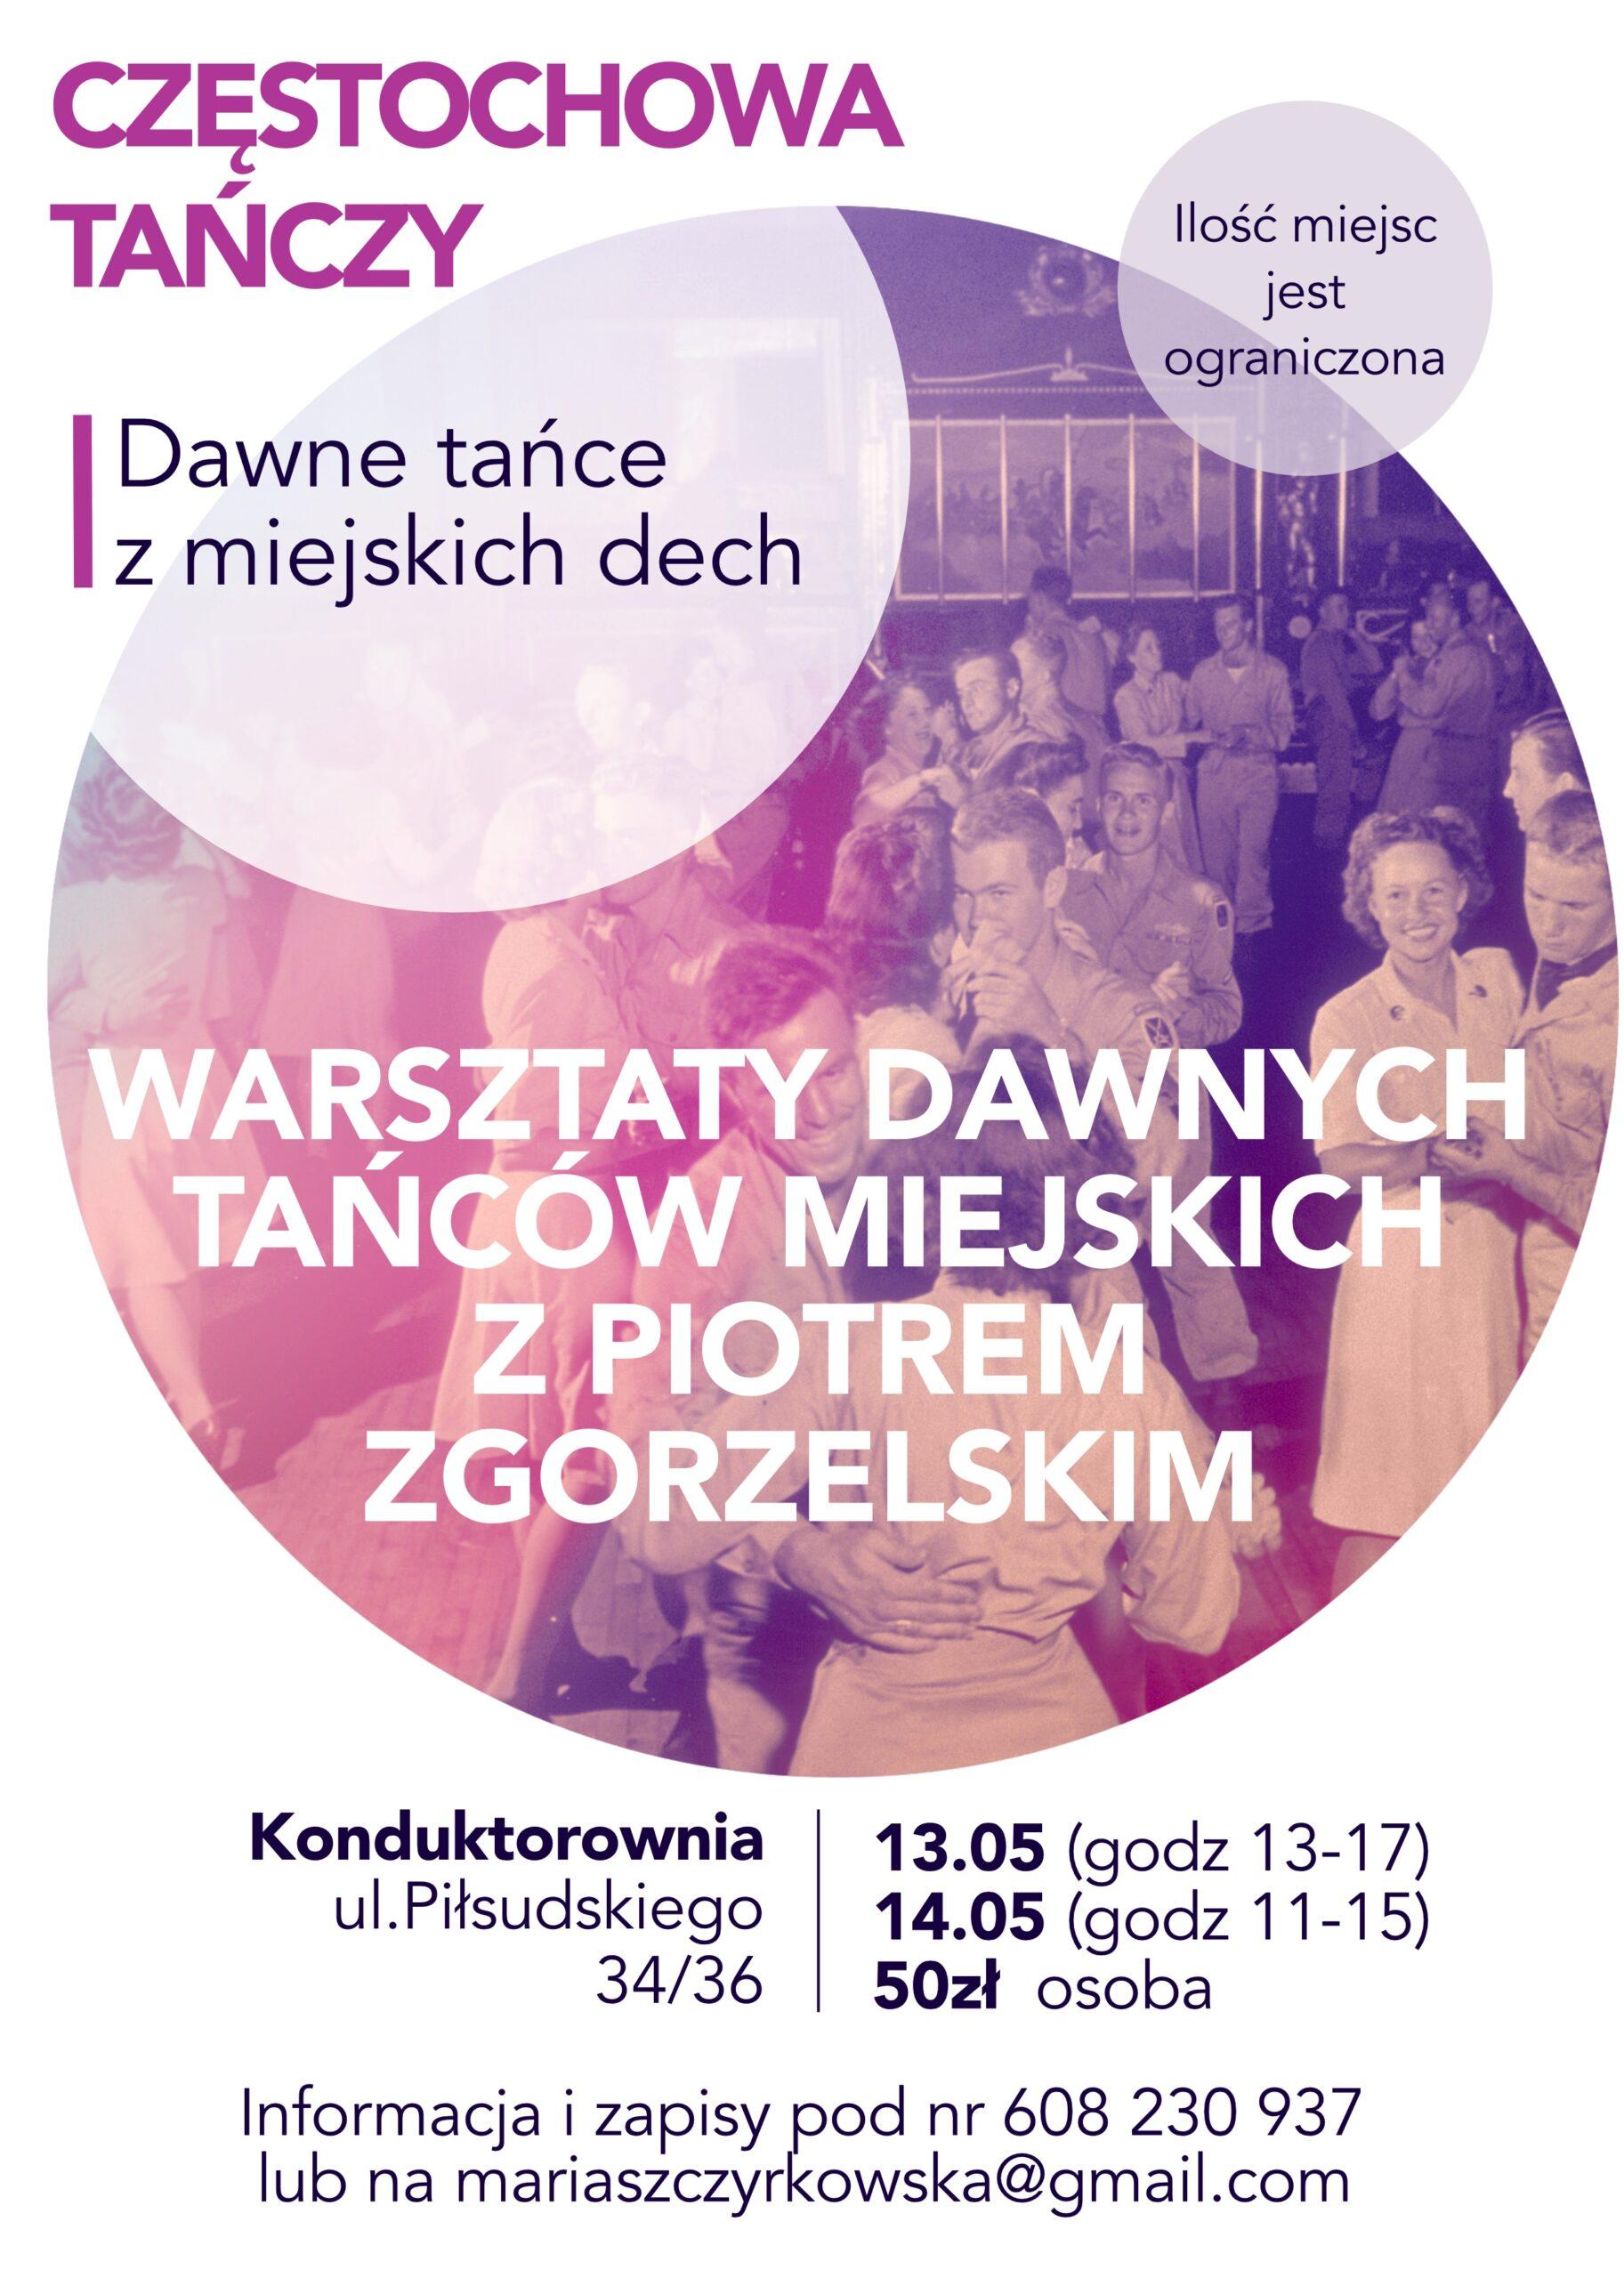 Zapraszamy na warsztaty do Częstochowy!